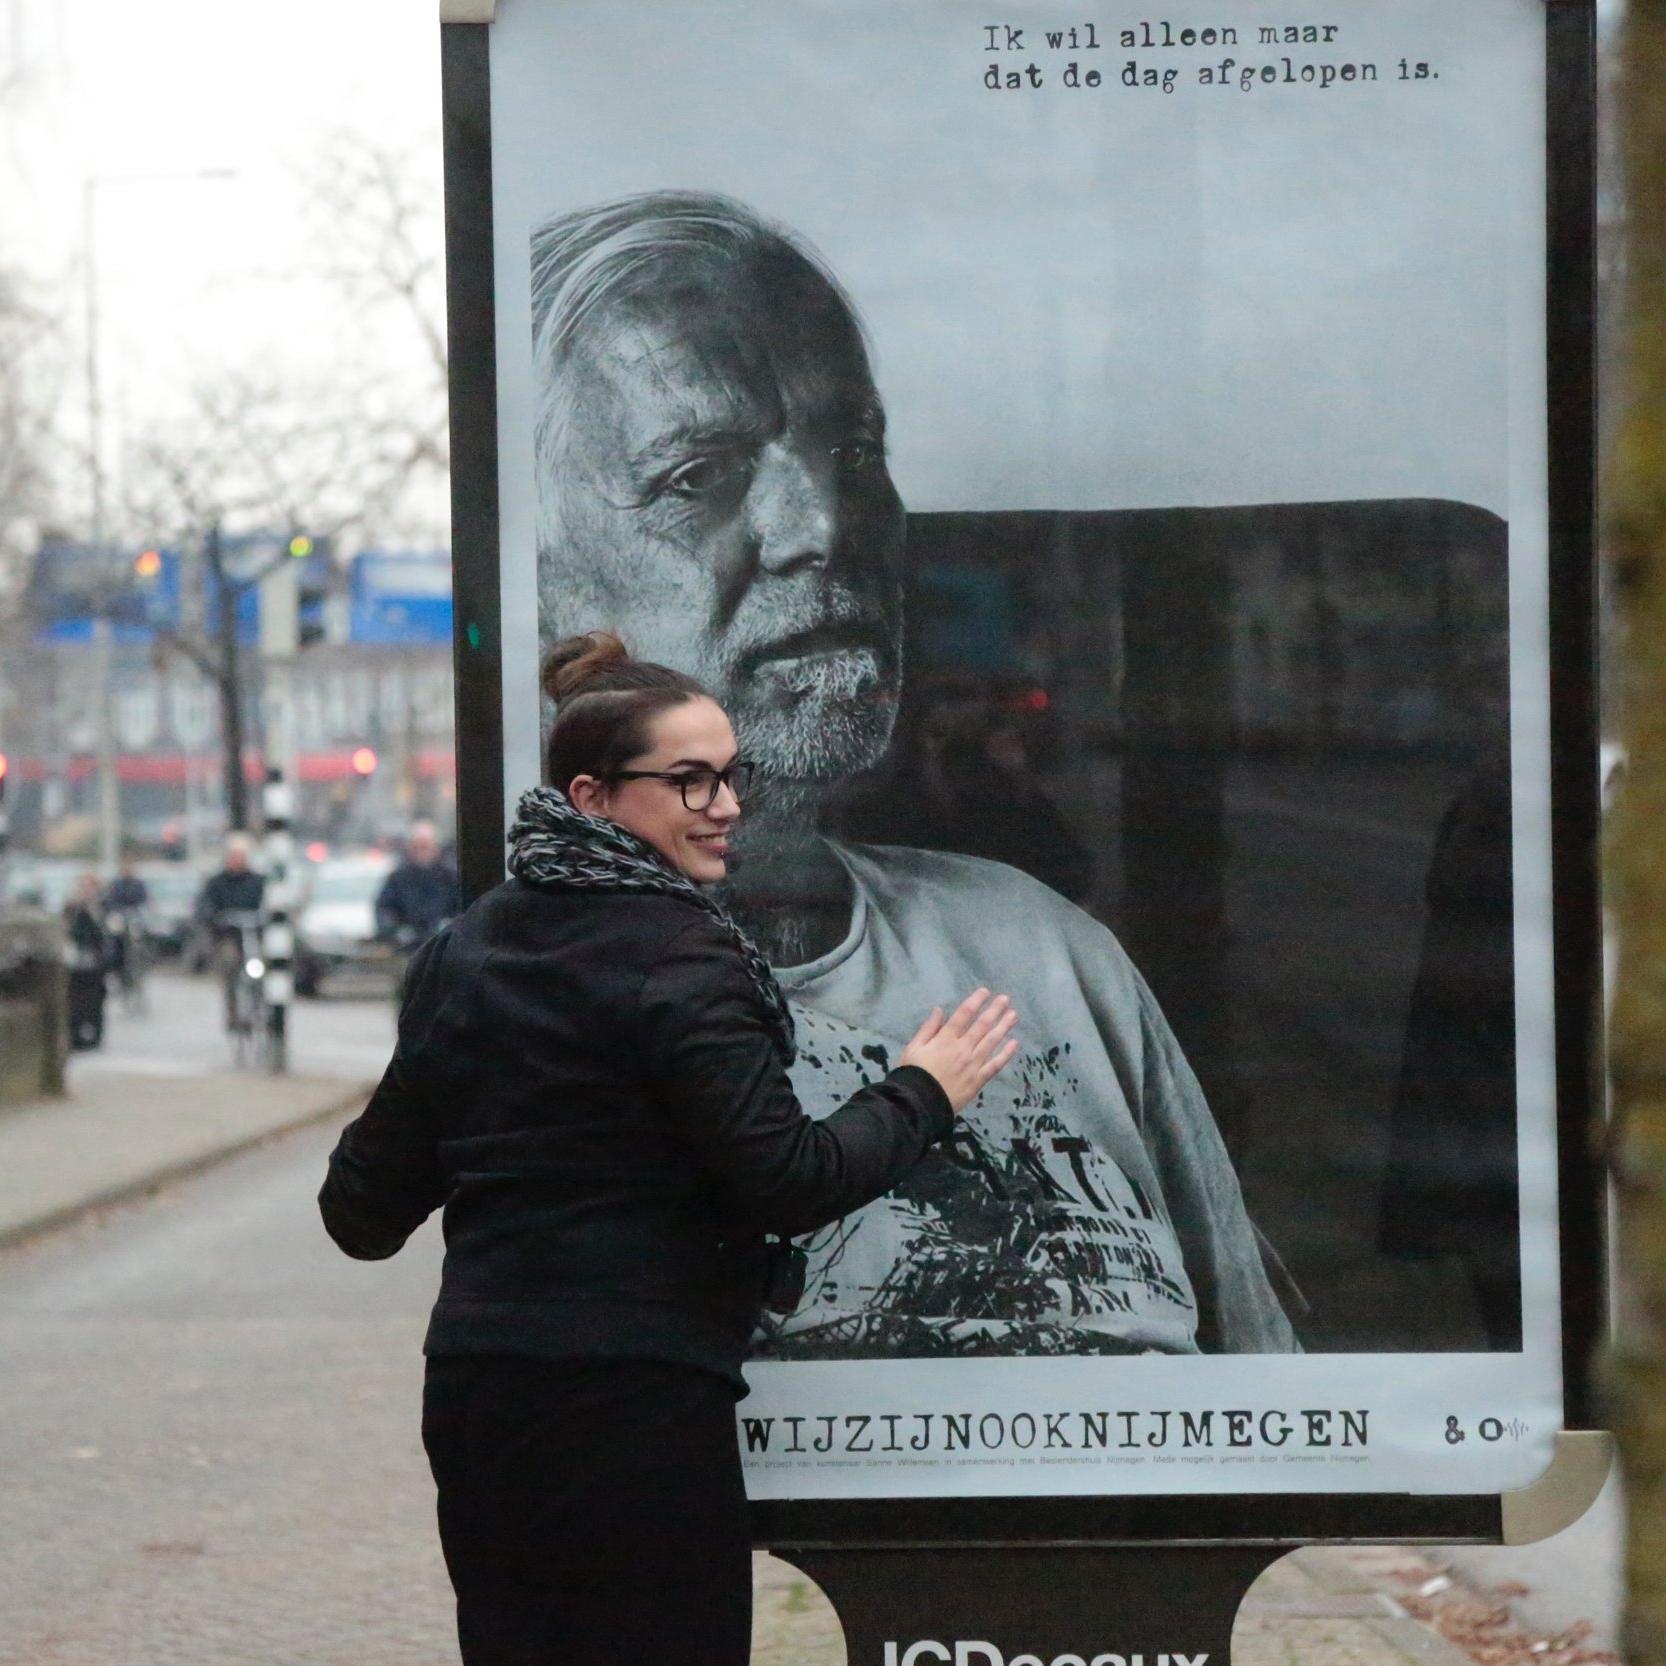 #WIJZIJNOOKNIJMEGEN   'WIJ ZIJN OOK NIJMEGEN' van Sanne Willemsen (samen met mensen met een psychiatrische kwetsbaarheid), wil stigma's rond psychiatrie bespreekbaar maken. 91 MUPI's en een huis-aan-huiskrant bezorgd bij 51.000 huishoudens 'slingerden' krachtige en ontroerende fotoportretten de stad in.